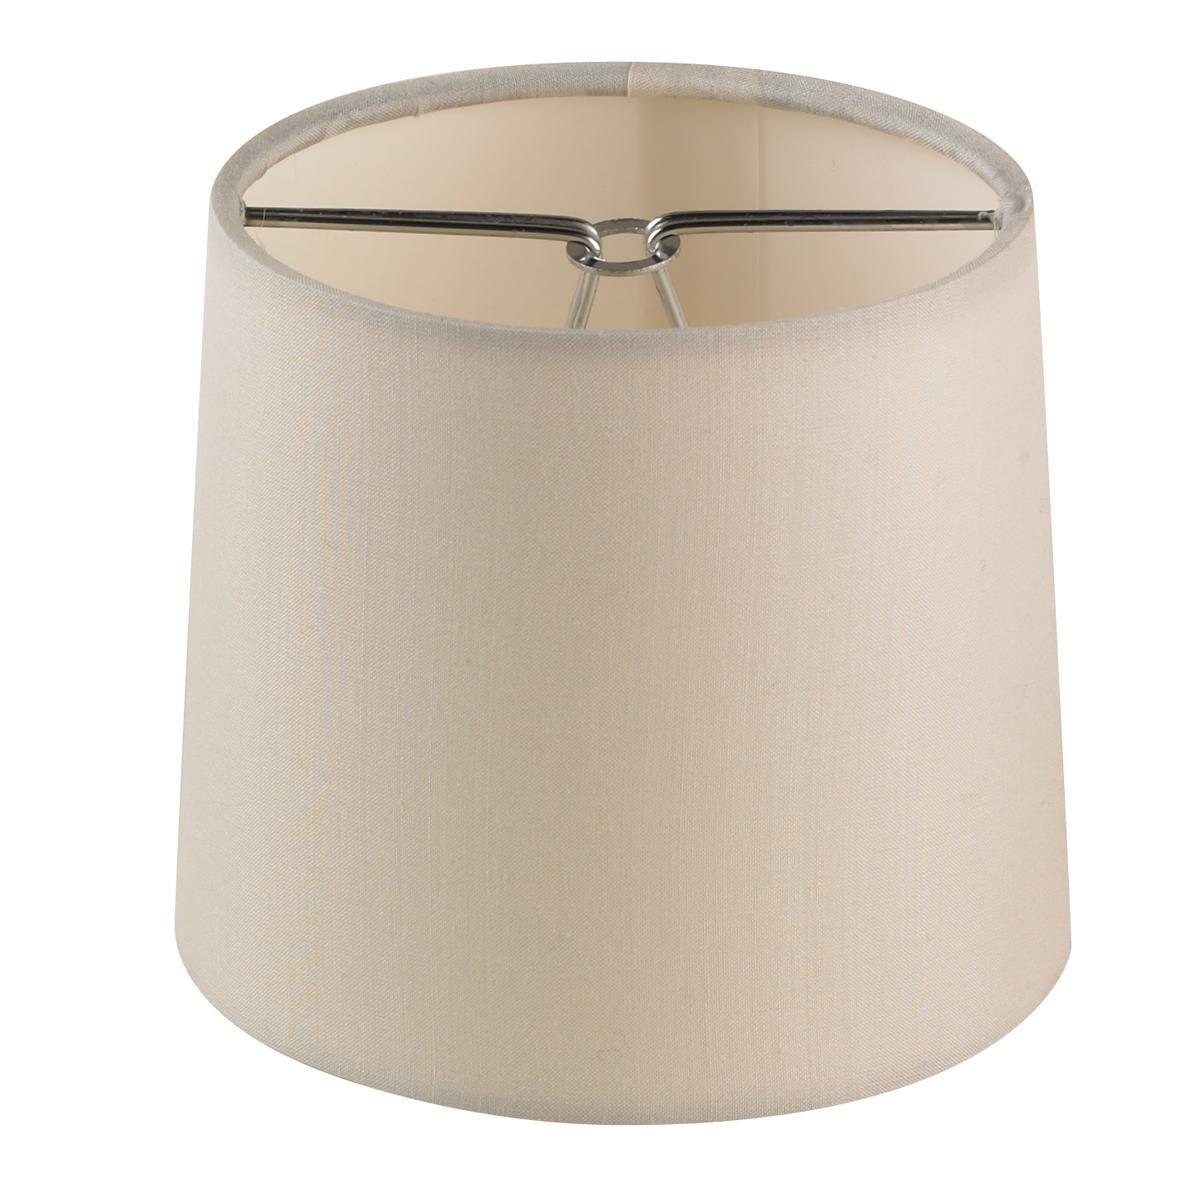 5 Silk Drum Chandelier Shade Drum Chandelier Chandelier Shades Silver Candelabra